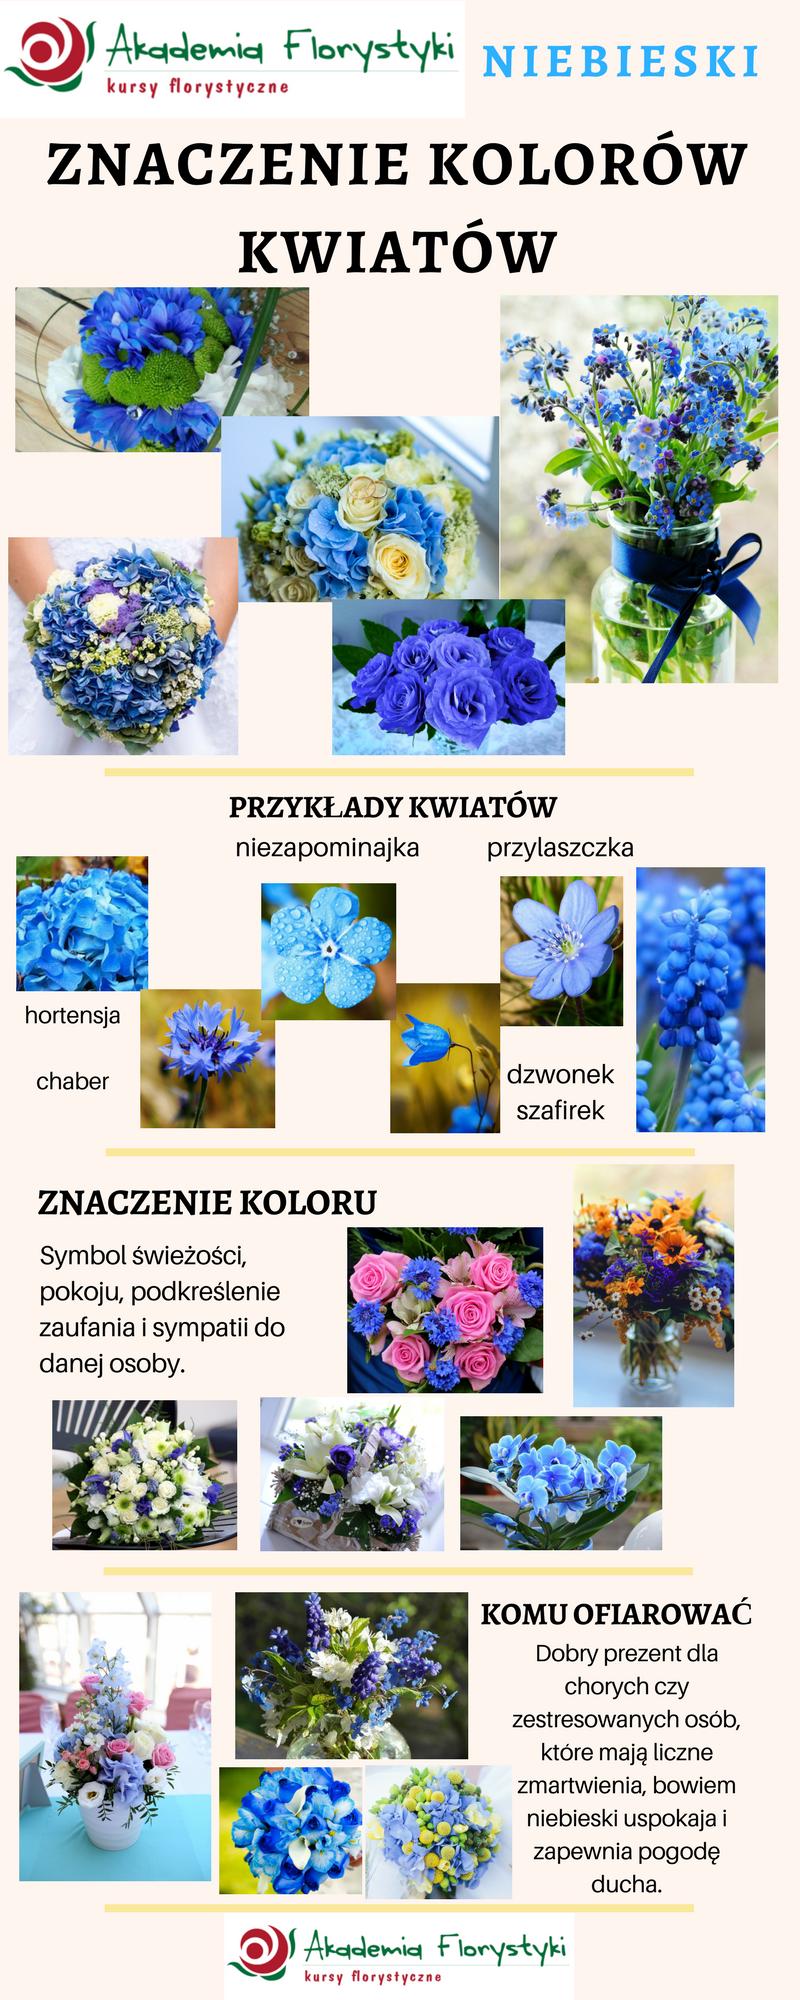 znaczenie kolorów kwiatów - kwiaty niebieskie